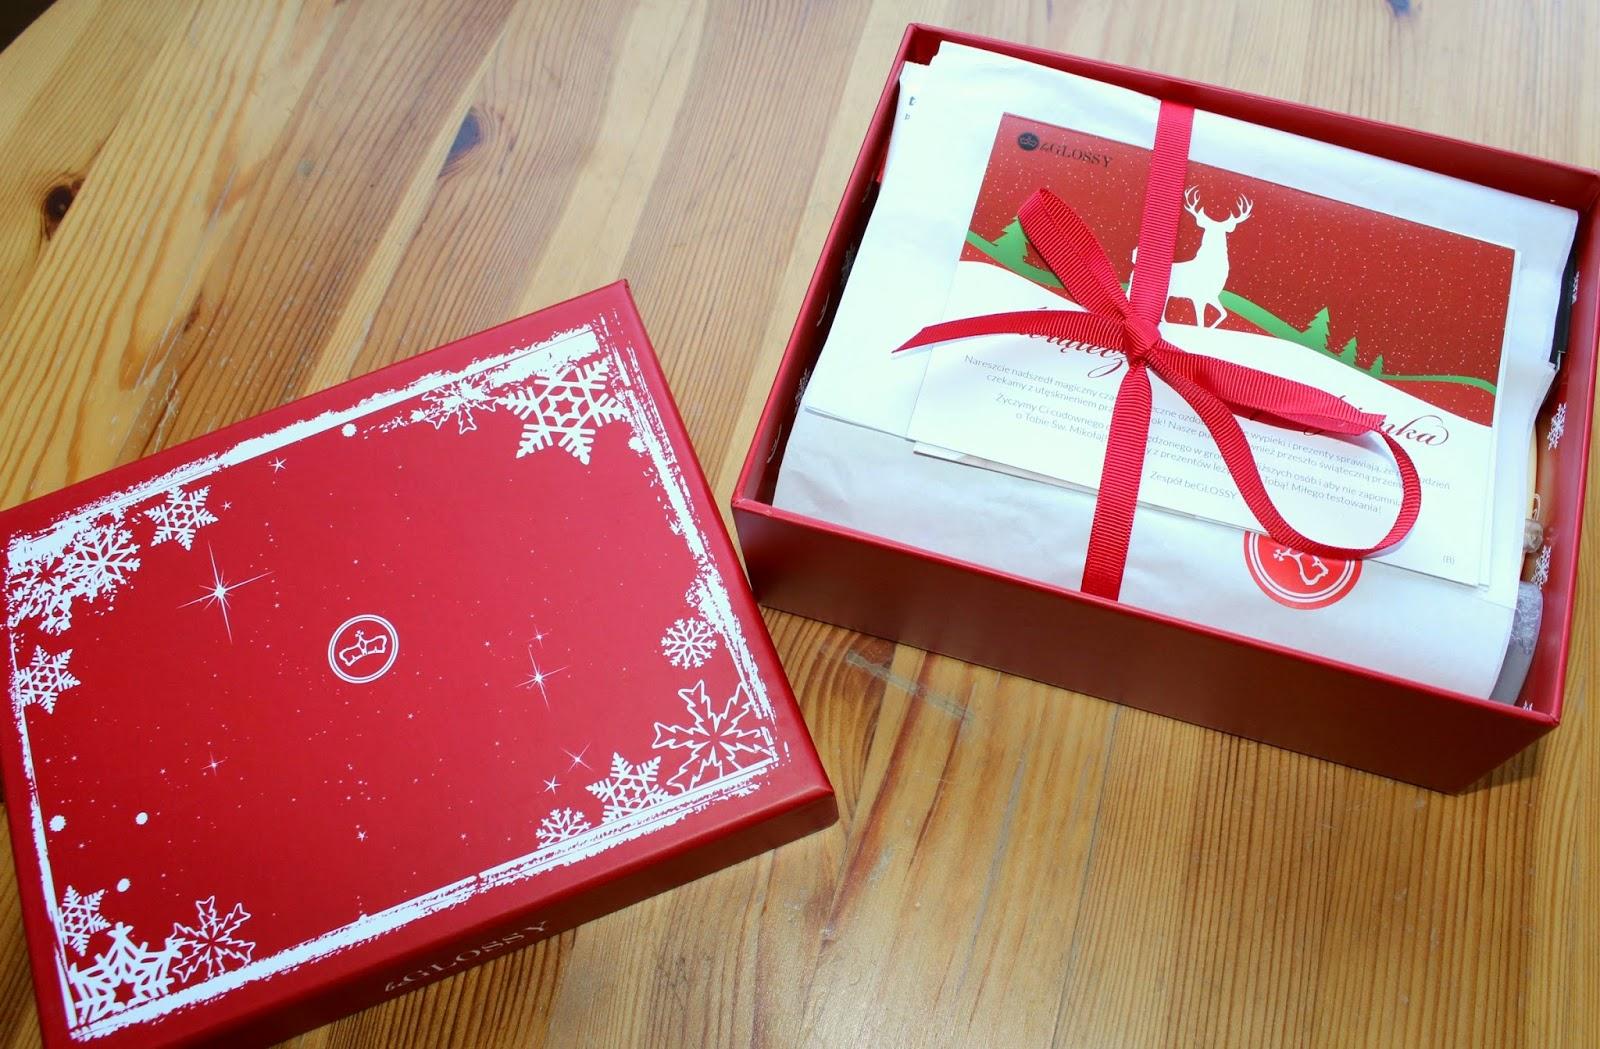 świąteczna niespodzianka beglossy grudzień 2014